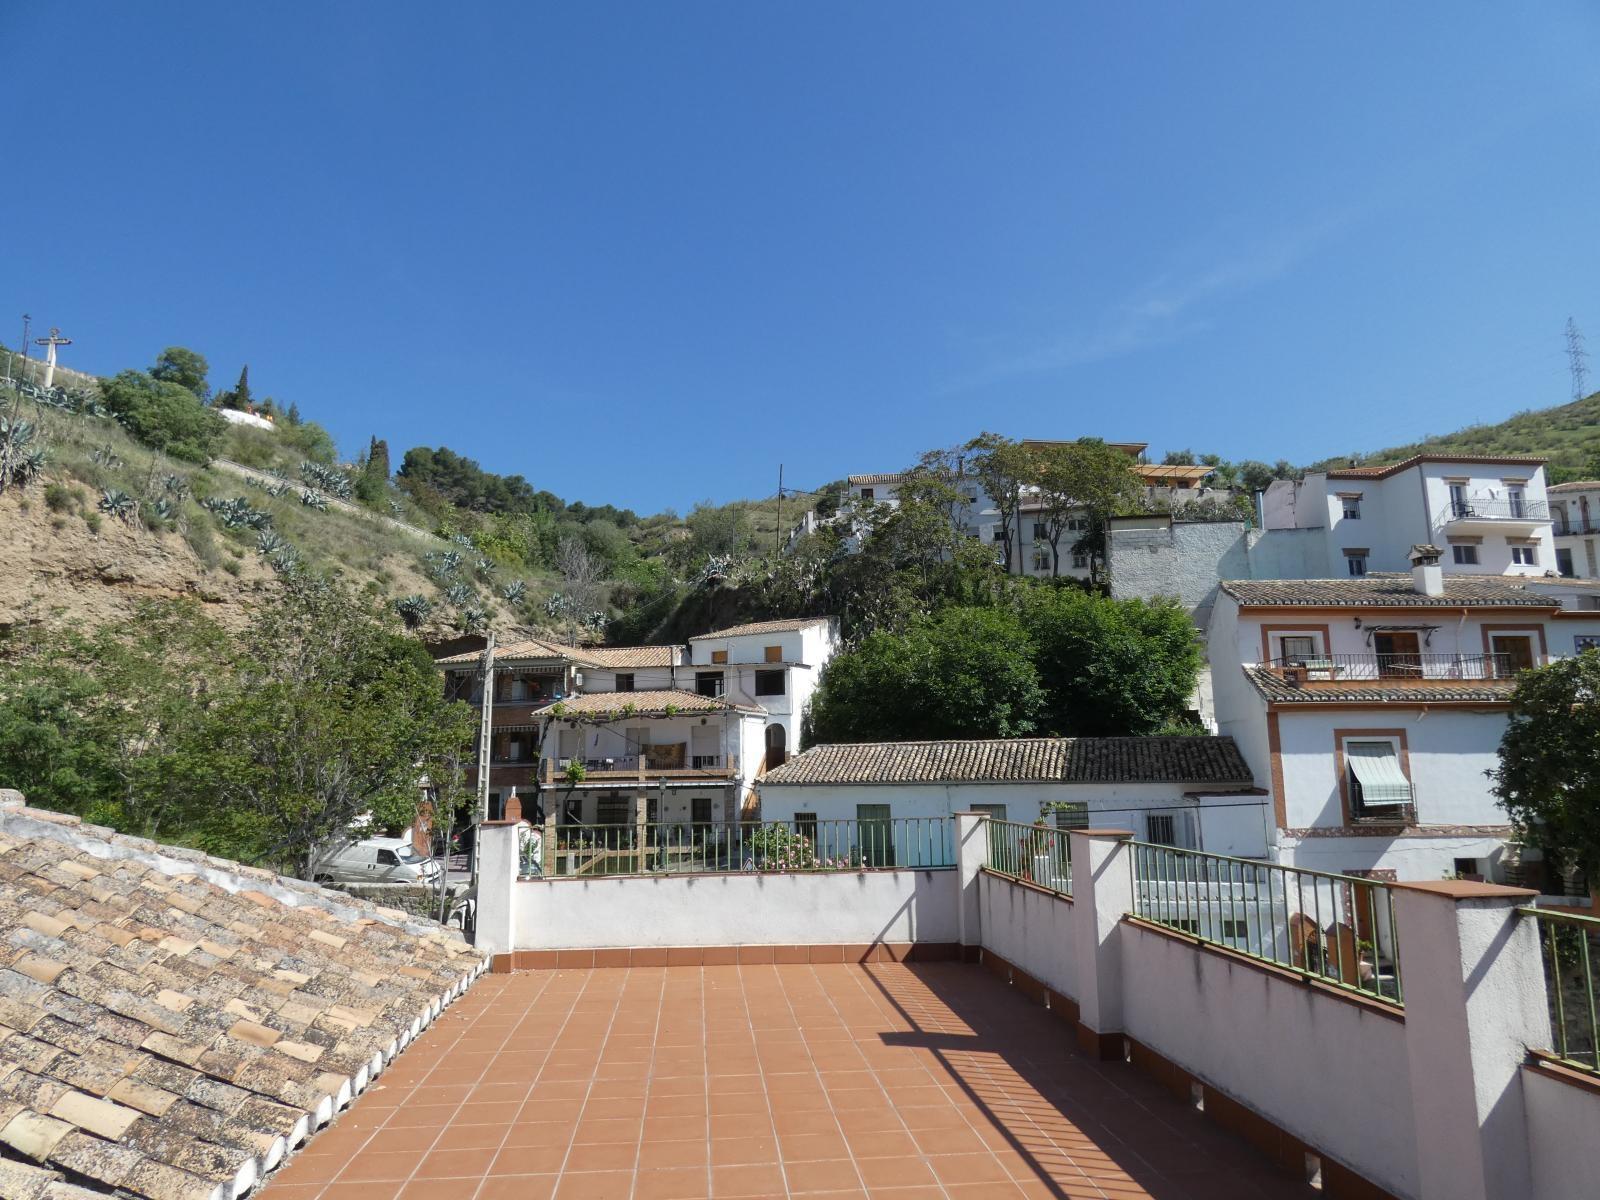 Casa en venta en Albaicín (Granada), 700.000 €